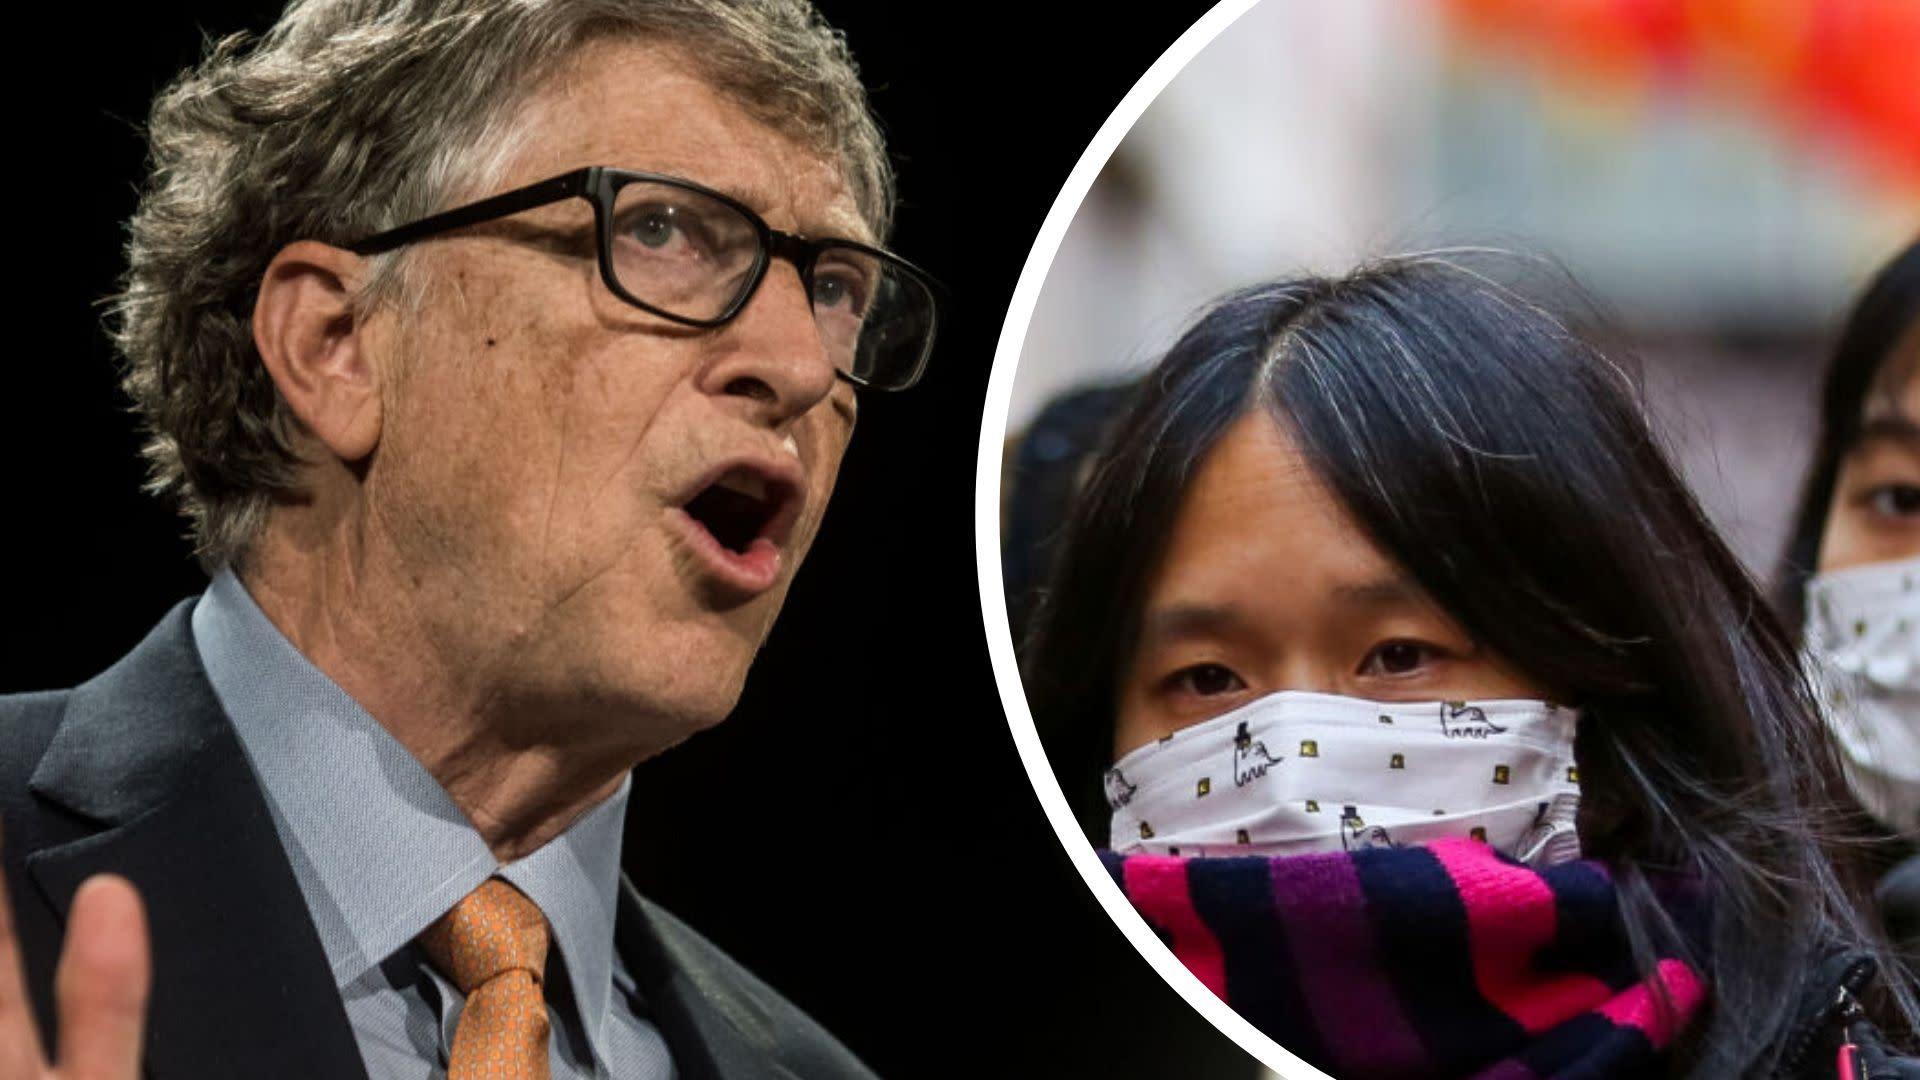 Bill Gates warned of coronavirus risk in 2015